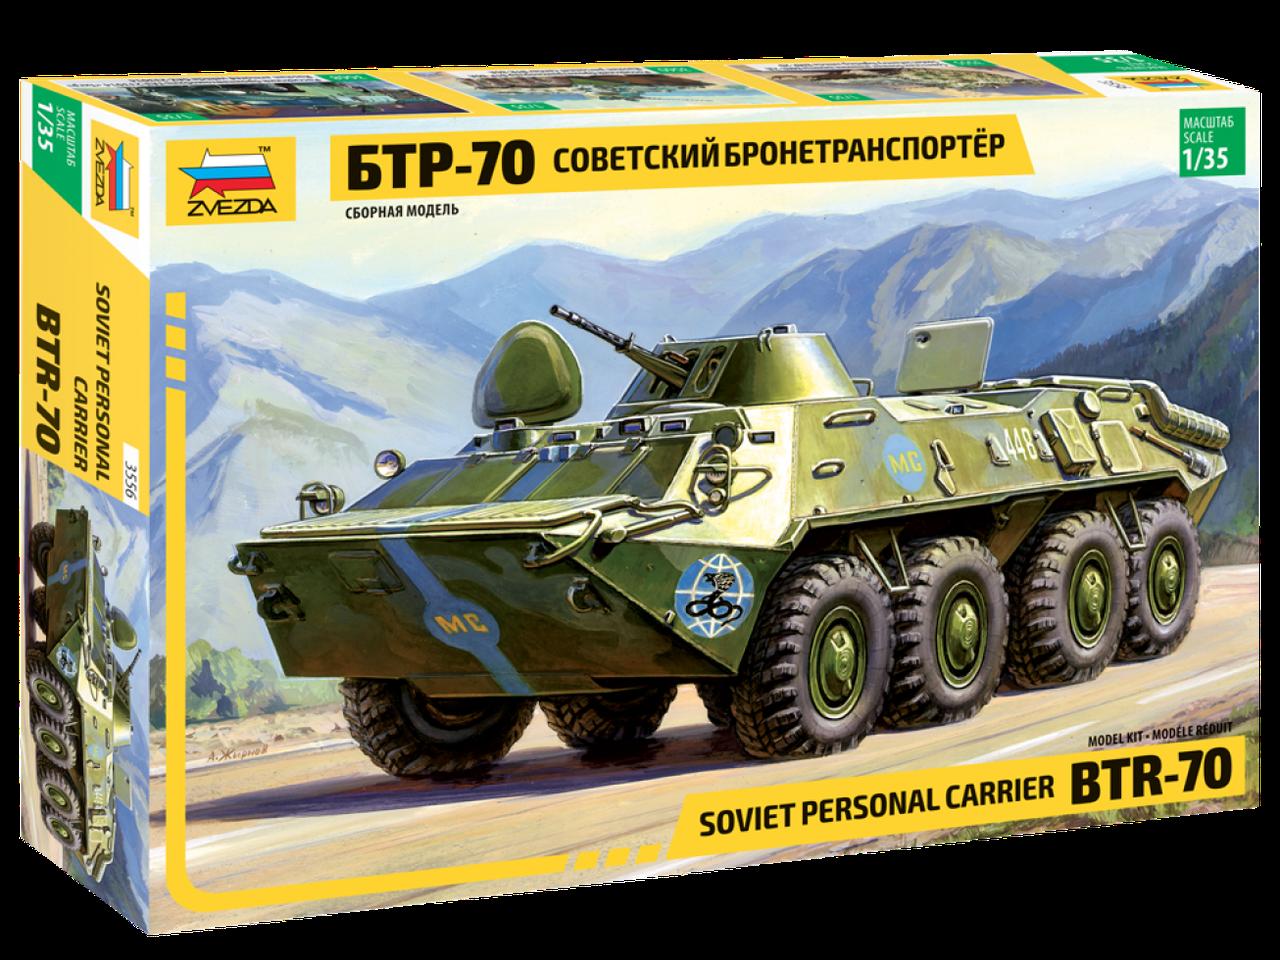 Сборная модель советского бронетранспортера БТР-70. 1/35 ZVEZDA 3556